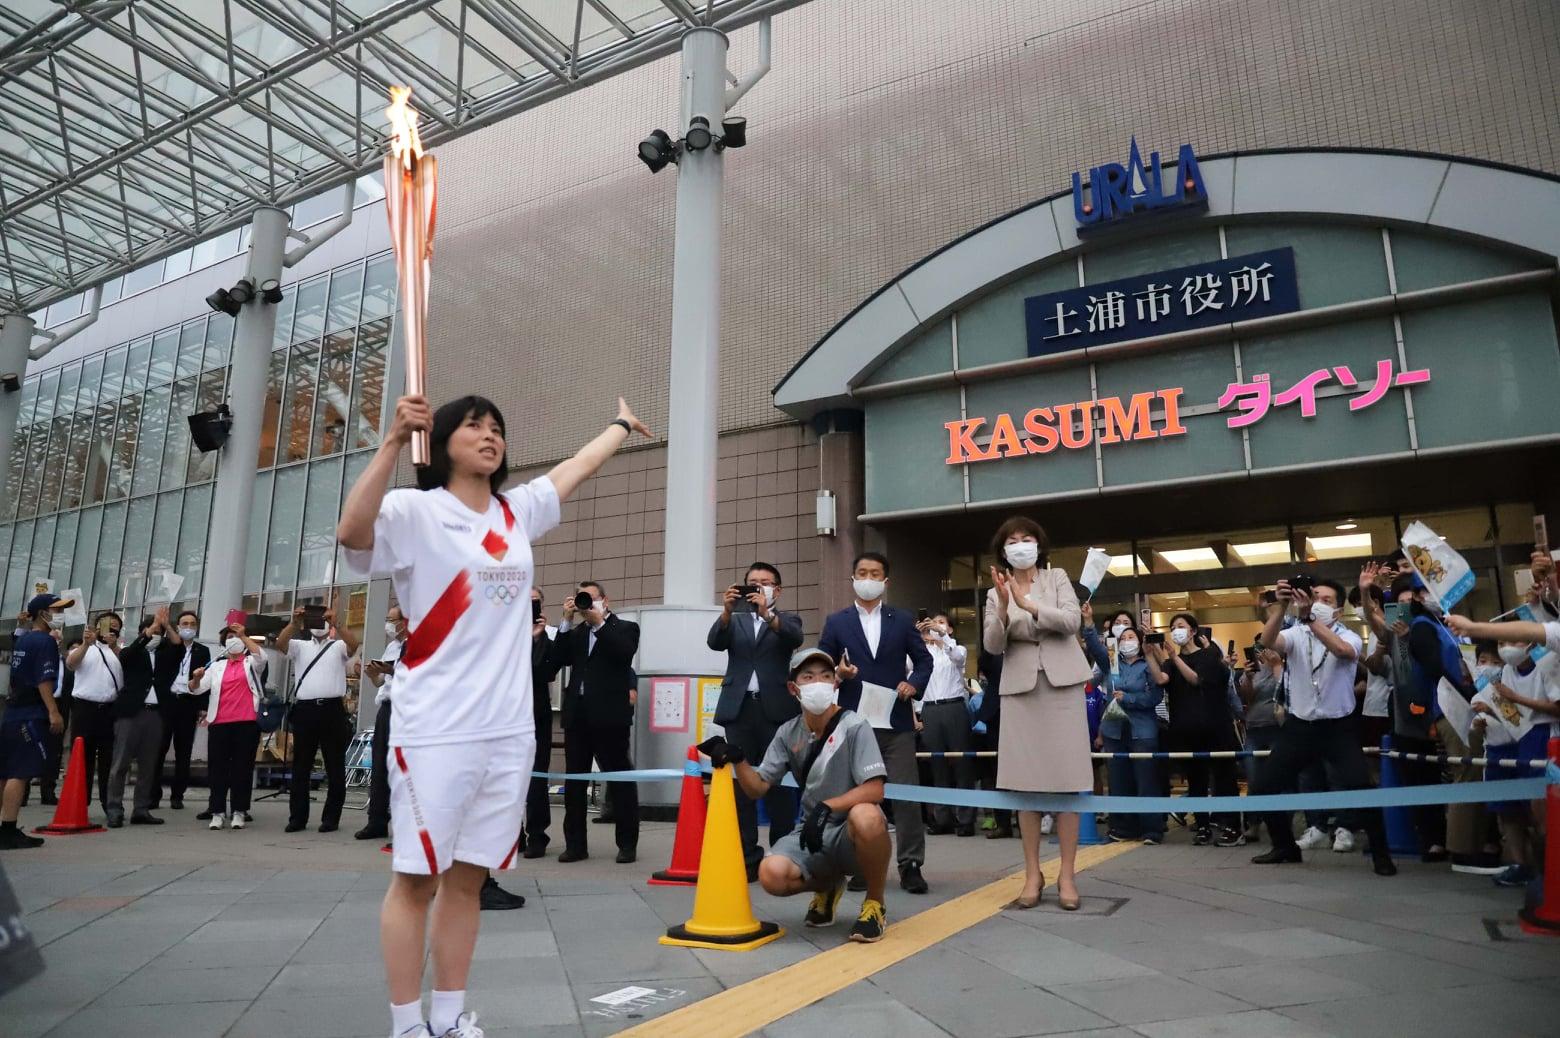 土浦市で東京2020オリンピックの聖火リレーが開催されました!page-visual 土浦市で東京2020オリンピックの聖火リレーが開催されました!ビジュアル